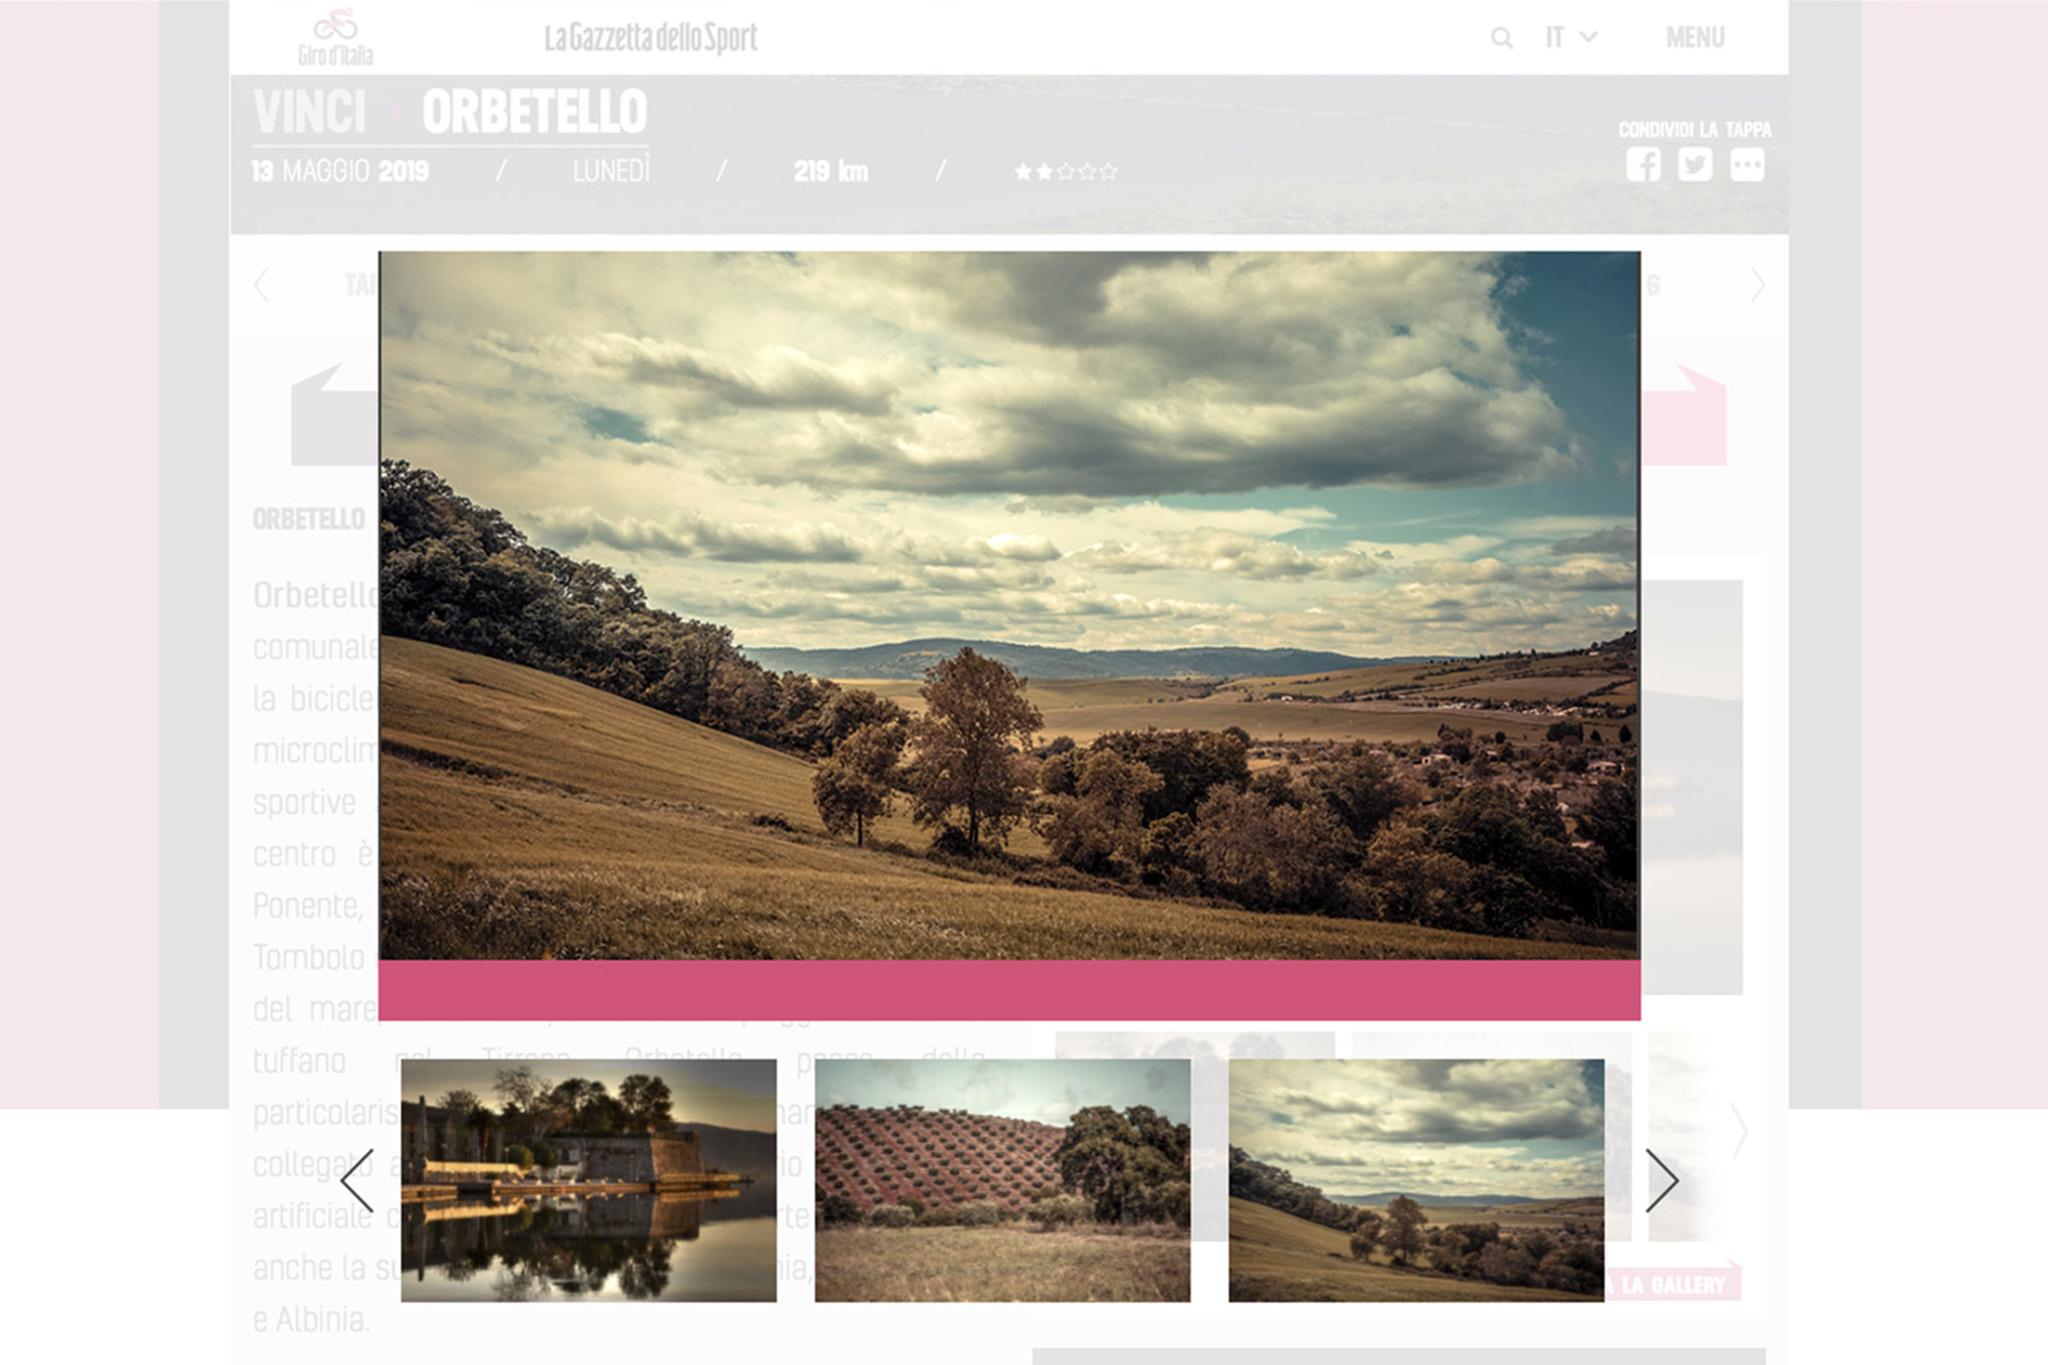 """Alcune mie foto del progetto """"I Nostri Occhi, La Nostra Terra"""" sono state pubblicate sul sito ufficiale del Giro d'Italia 2019 e su La Gazzetta dello Sport   giroditalia.it"""